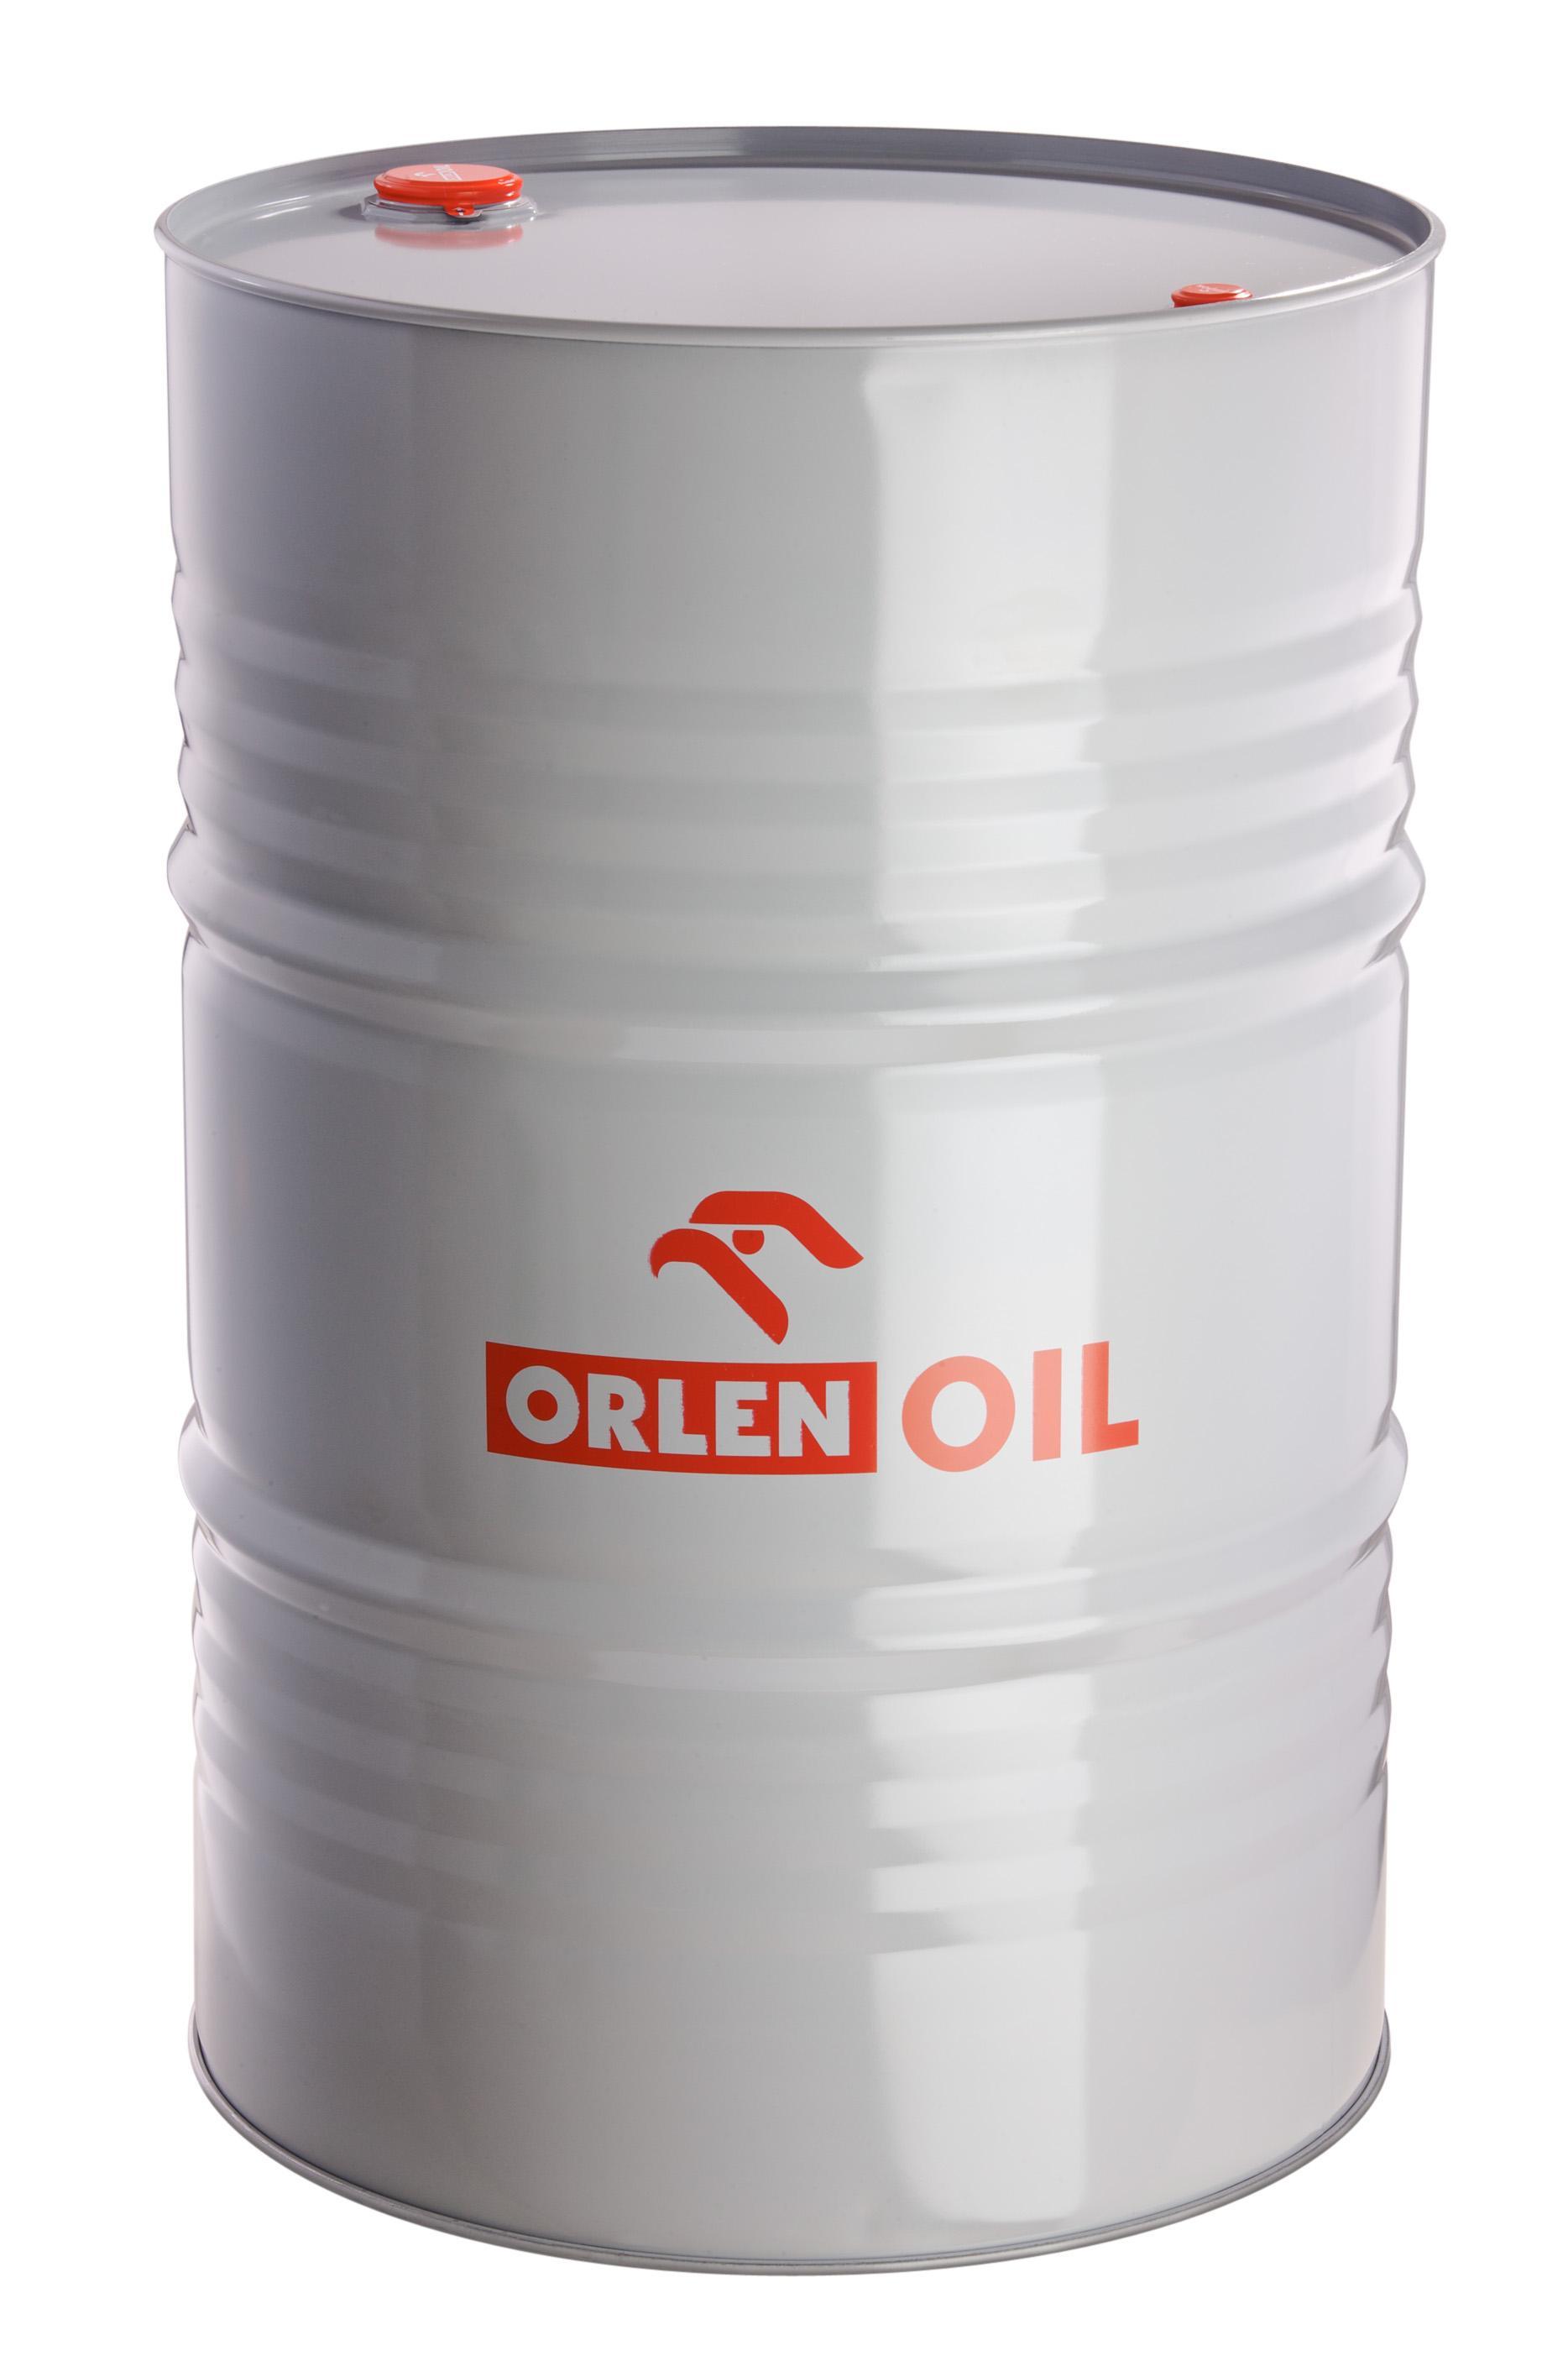 ORLEN OIL LITEN ŁT-43     DRUMS 180KG